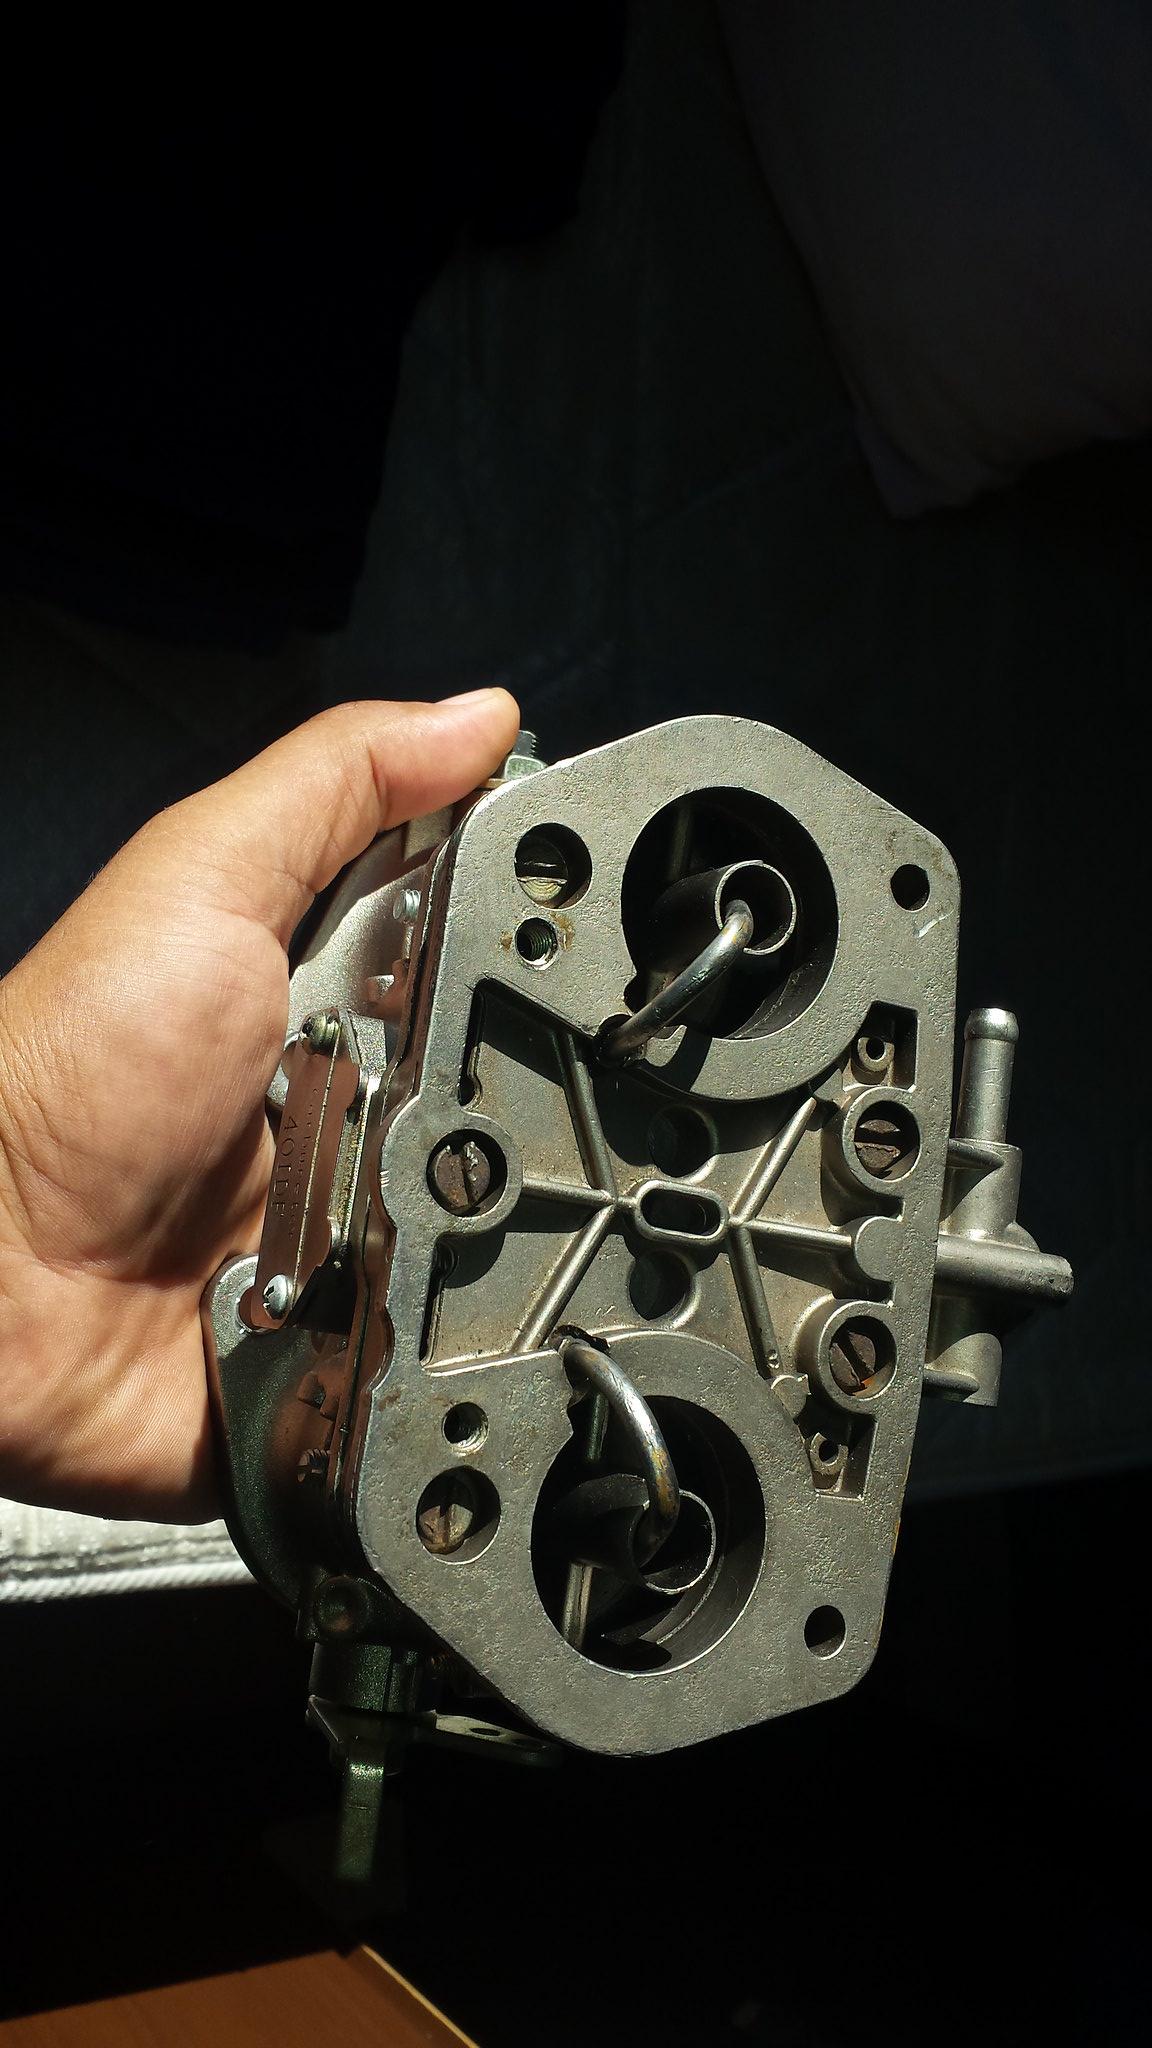 Turbo - Preparação para o Diplomata 88 4 cilindros turbo  33540648626_c4c7a6af39_k